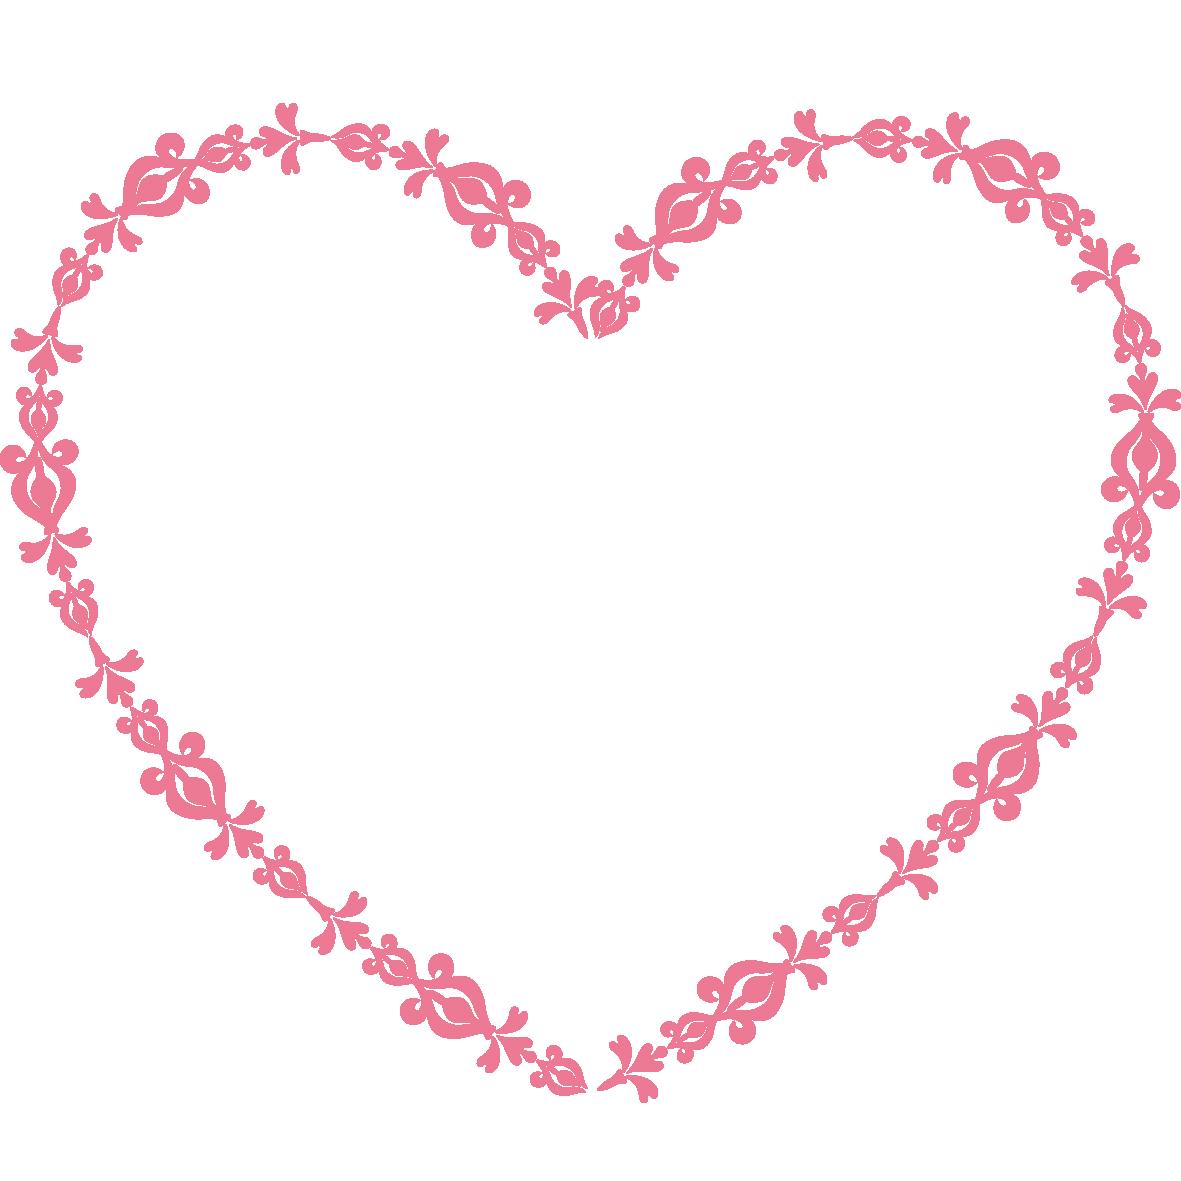 無料】可愛いフリーイラスト素材集「イラスト愛」 - かわいいイラスト